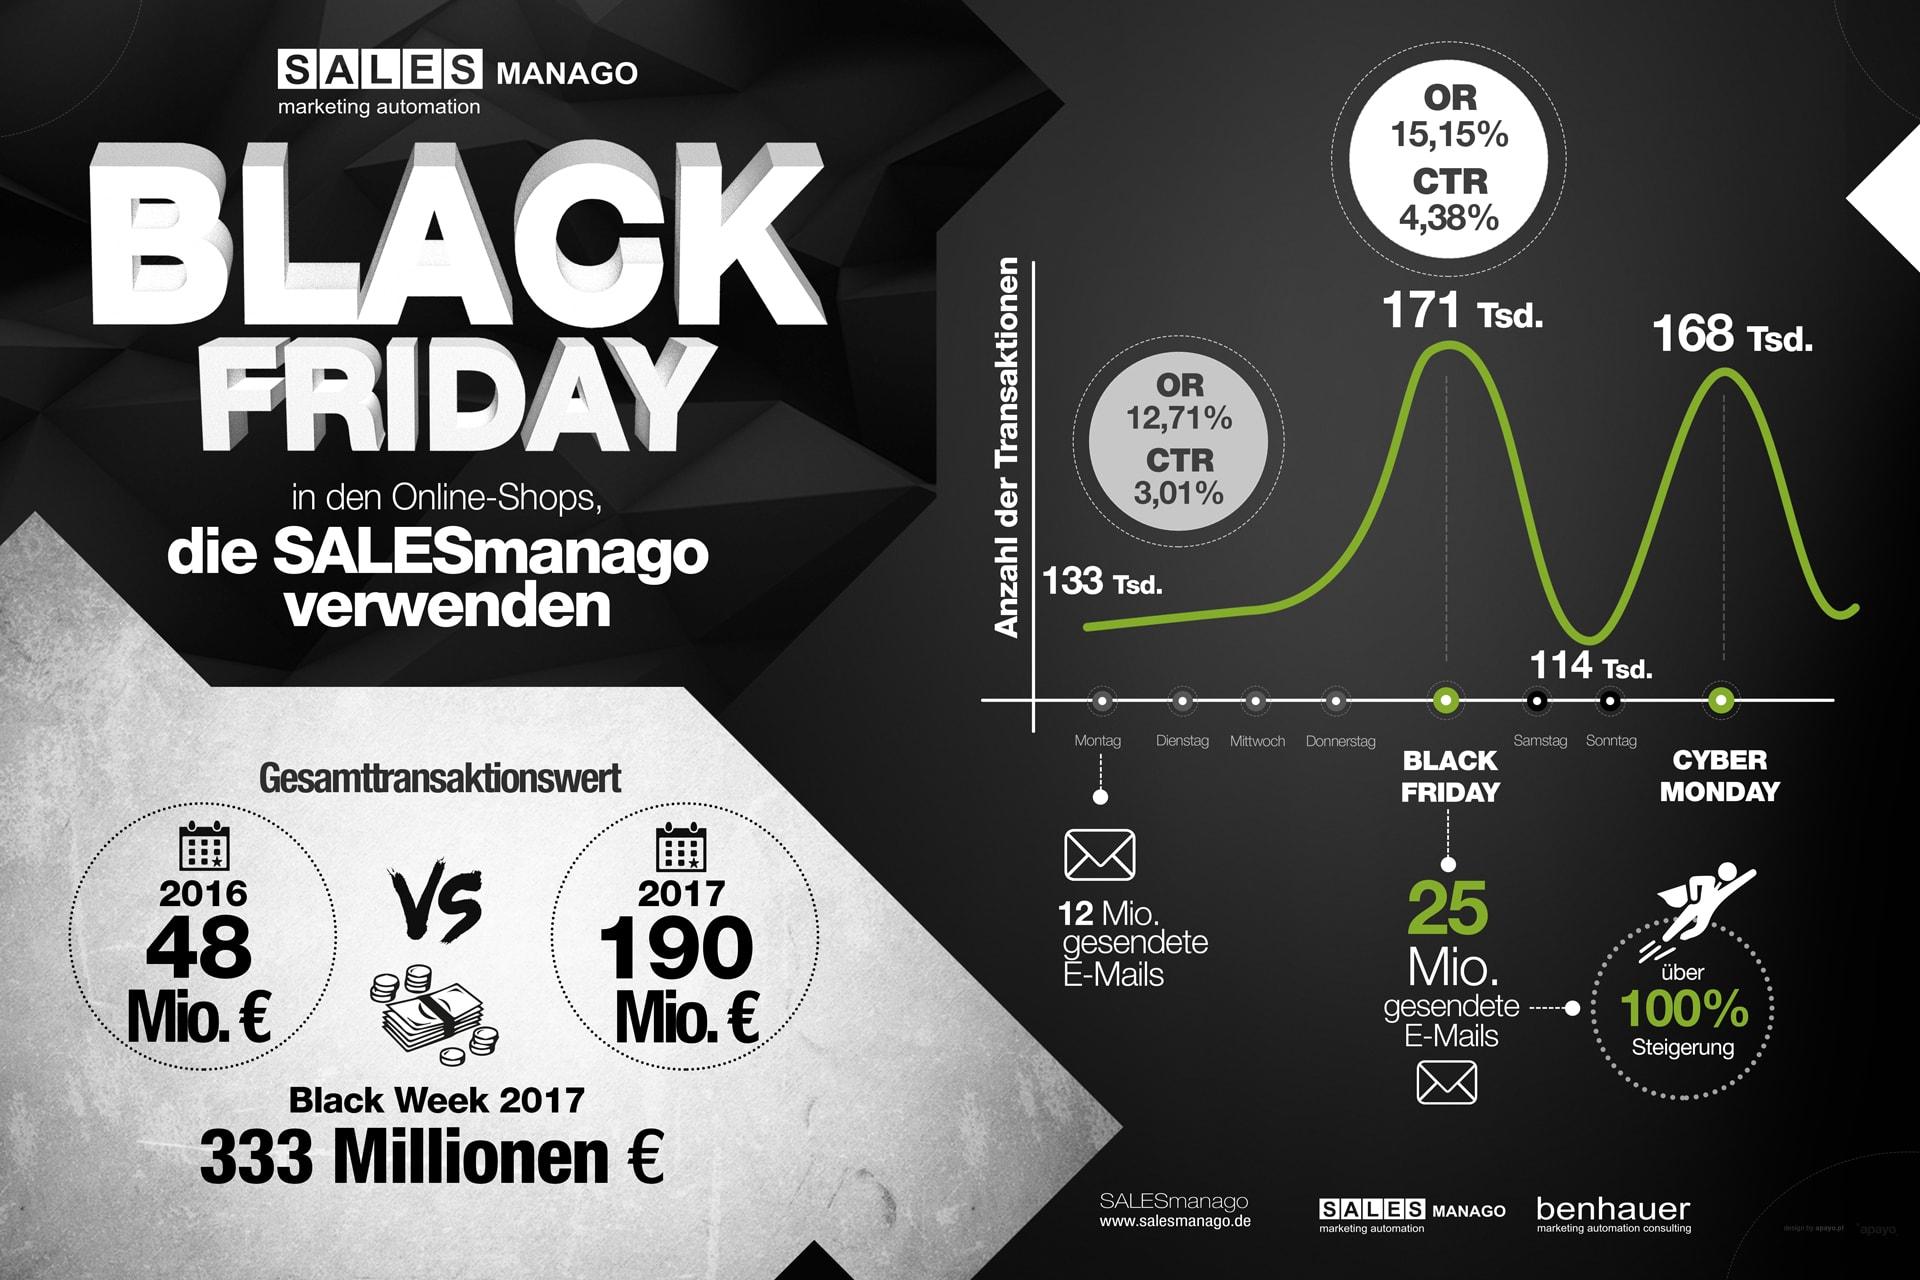 Black Friday Bei Unseren Kunden Kurze Zusammenfassung Marketing